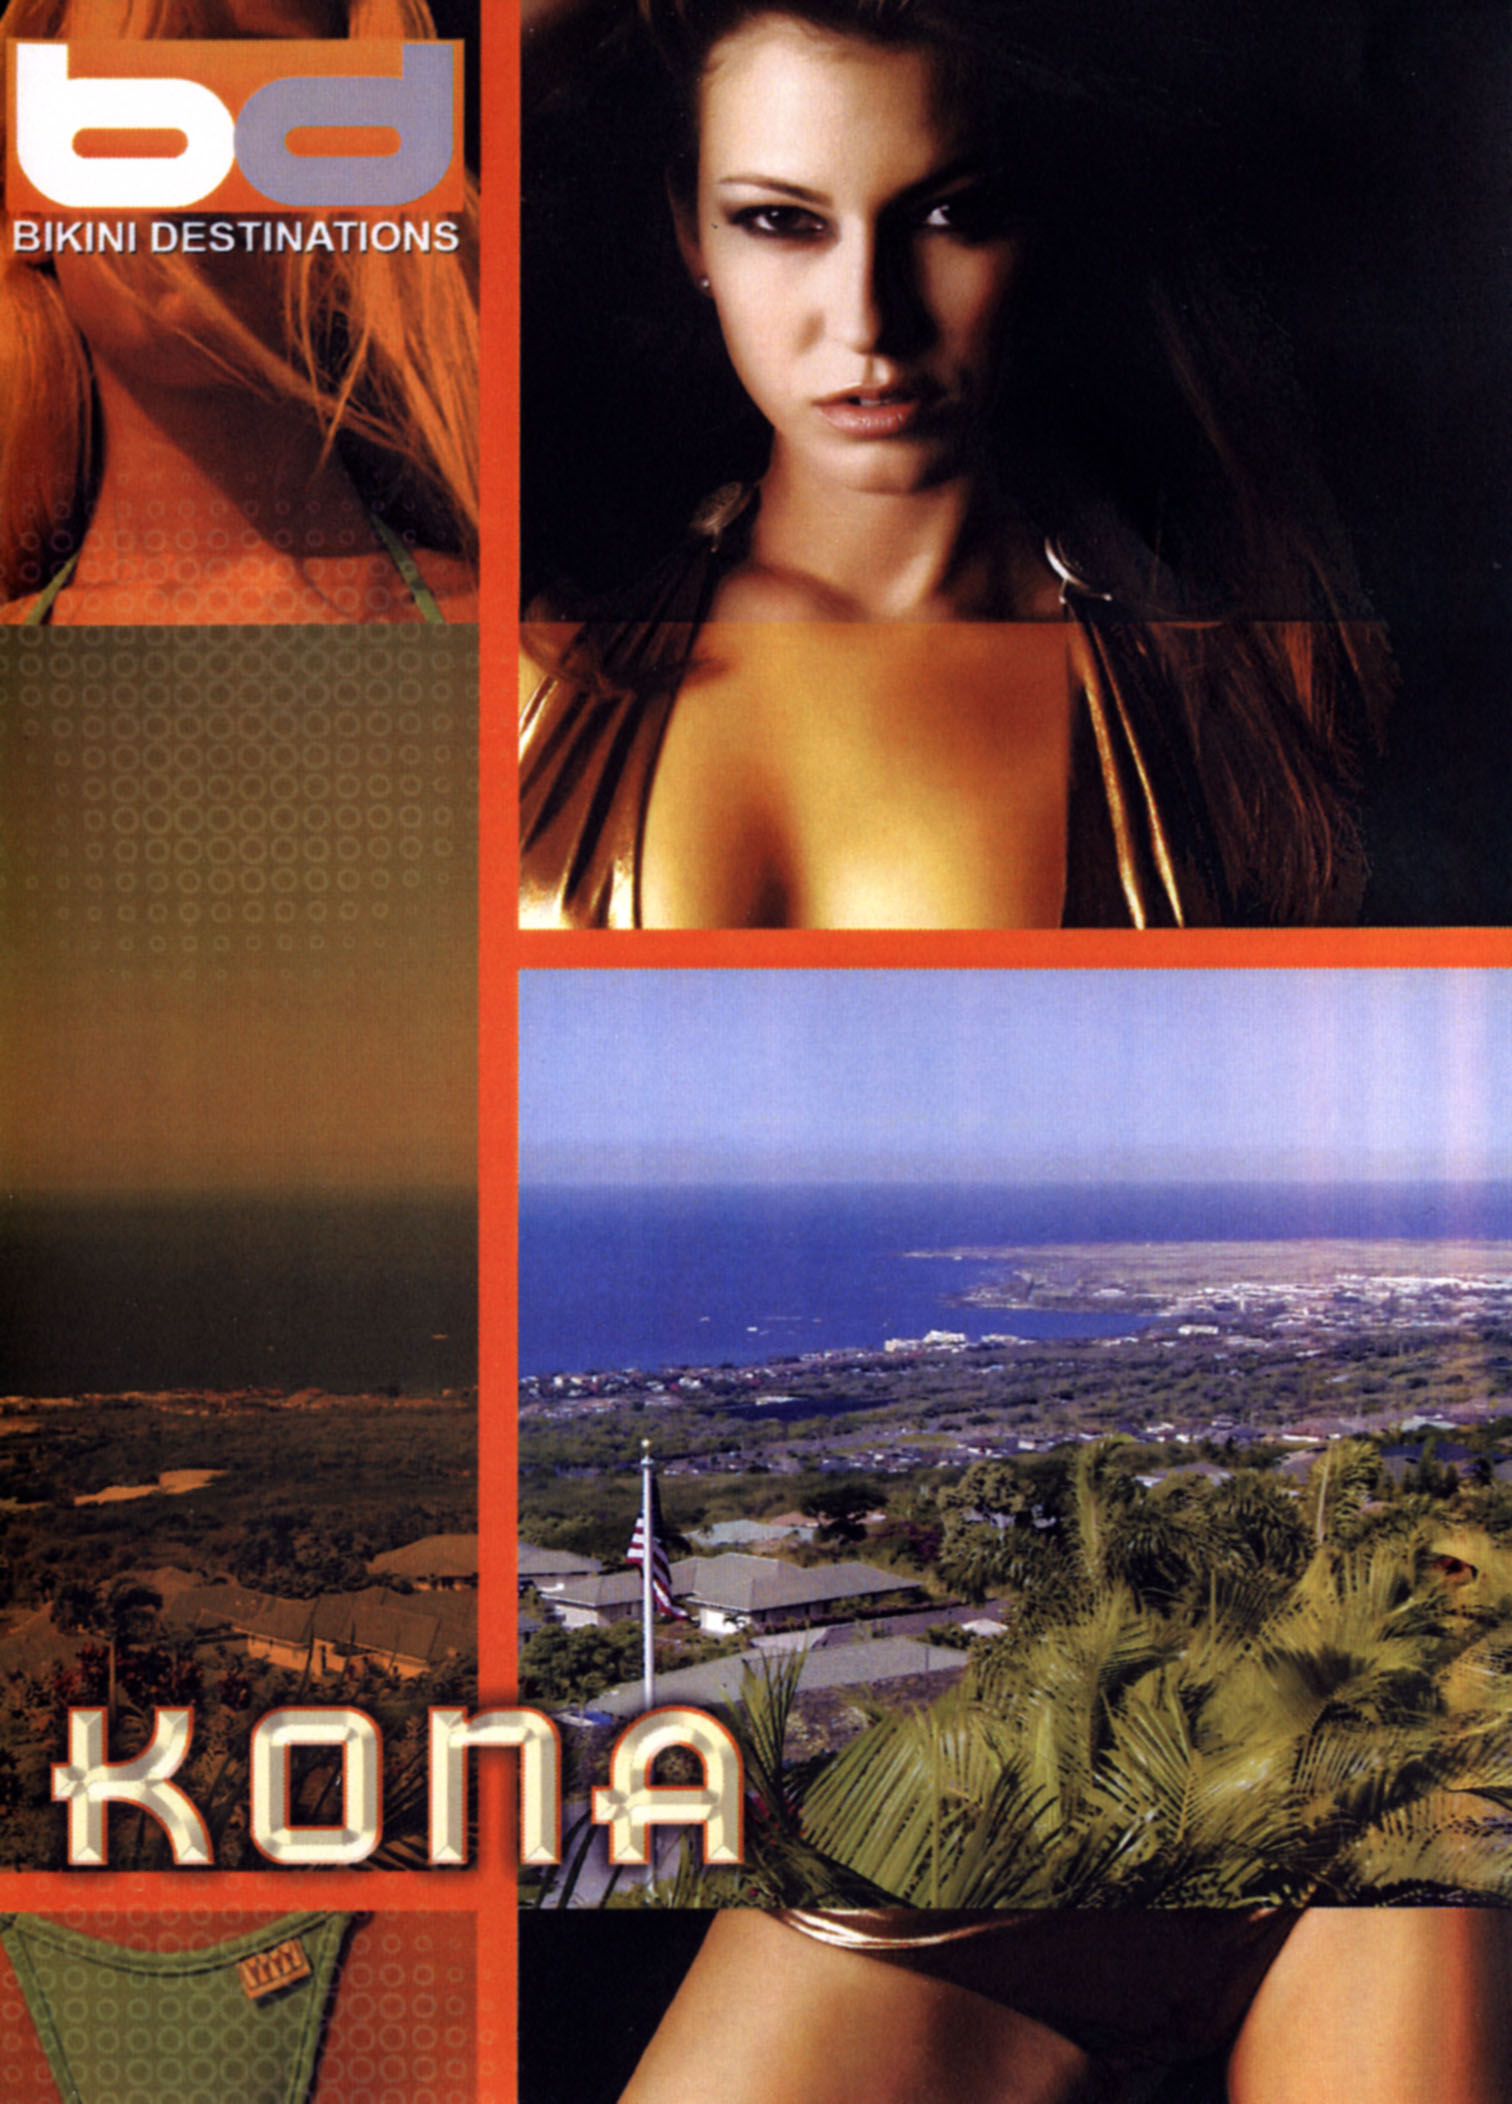 Bikini Destinations: Kona